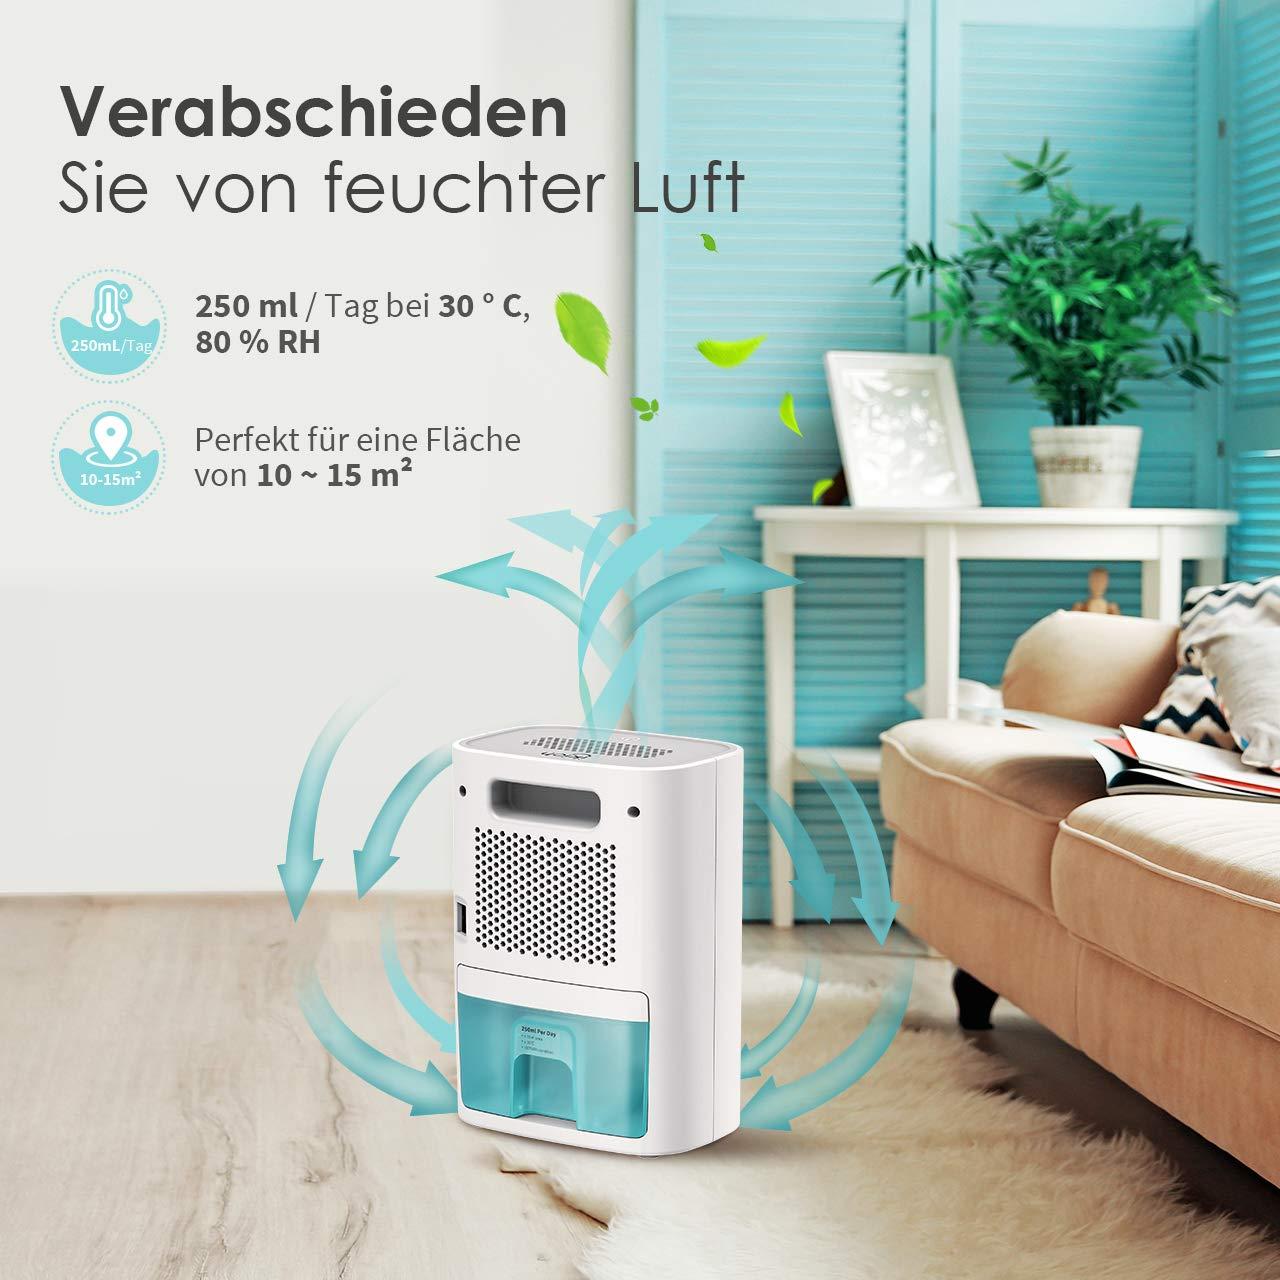 Luftentfeuchter Fuer Schlafzimmer Wohnung IKICH Luftentfeuchter